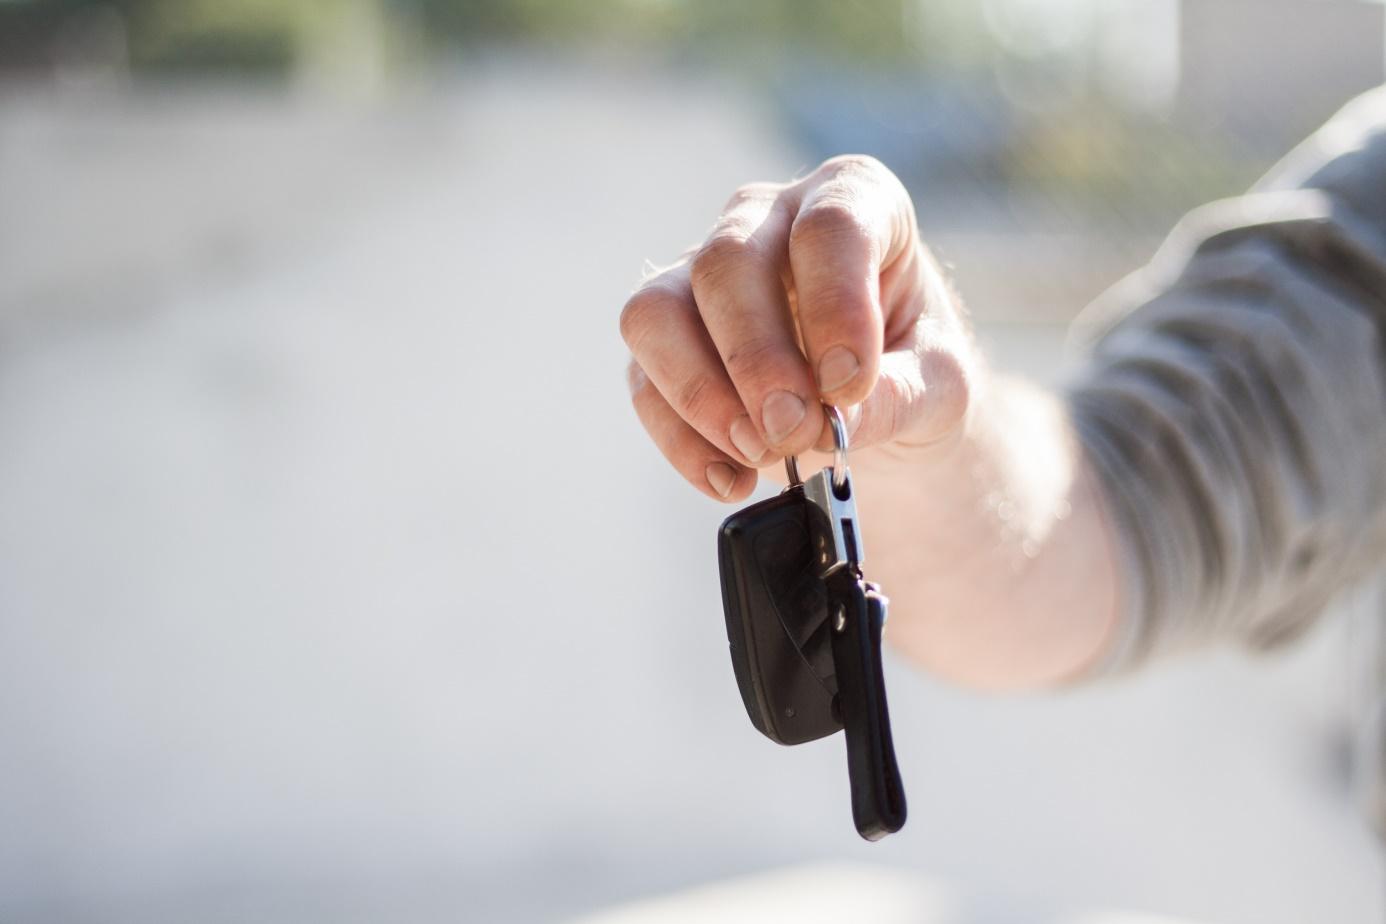 Zajęcie wynagrodzenia a użytkowanie samochodu służbowego przez pracownika